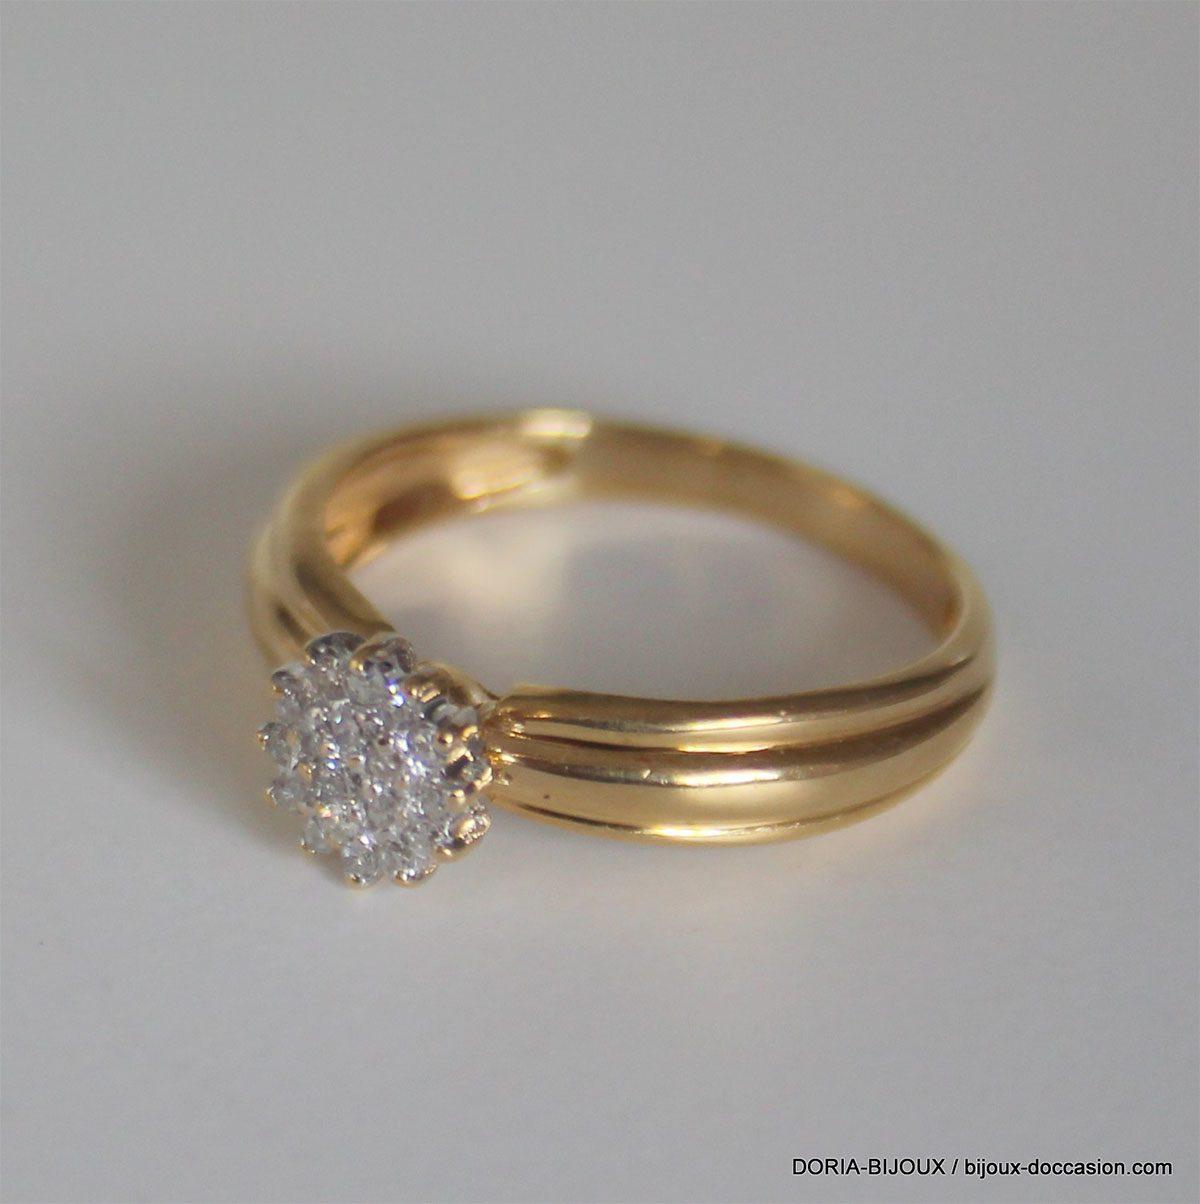 Bague Or Bicolore 18k 750 Diamants - 2.60grs - 50